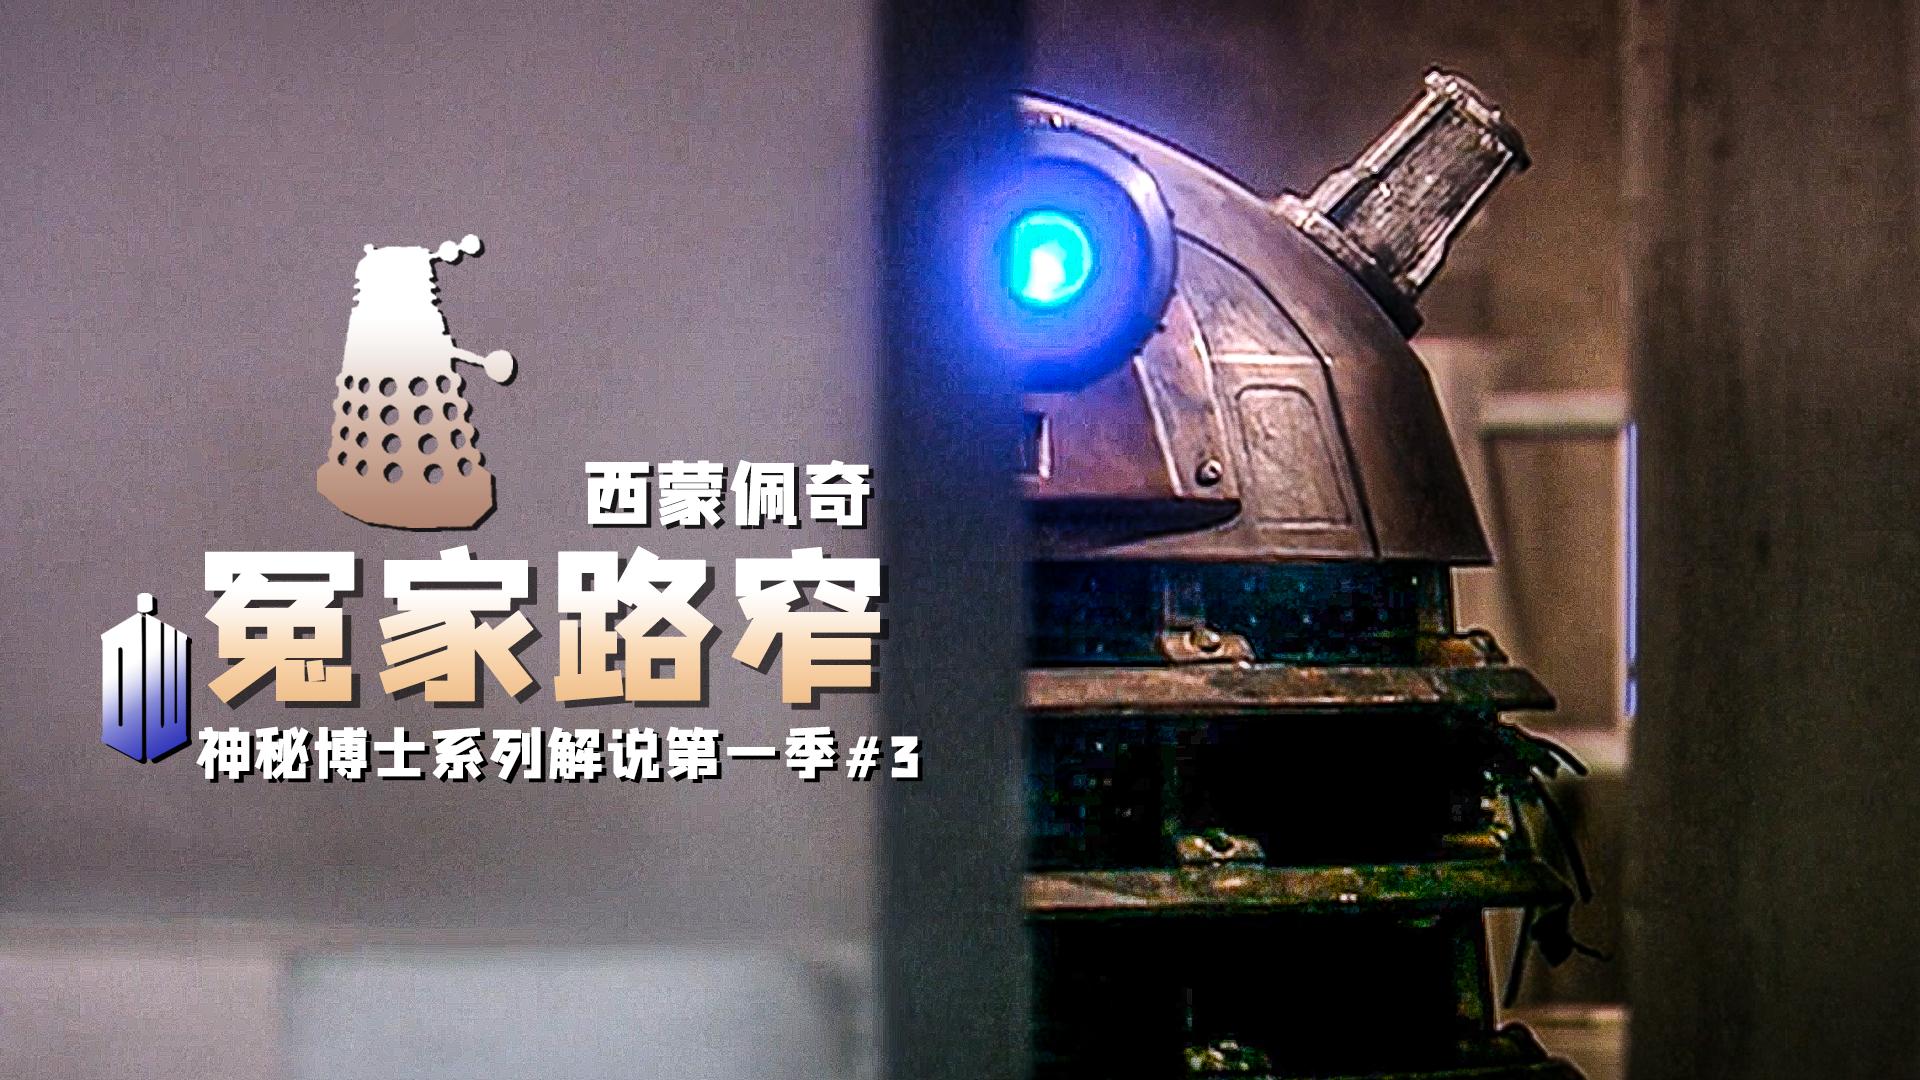 残暴生物意外复活!博士黑化直面真相,西蒙佩奇客串演出。《神秘博士》S01E06+7。